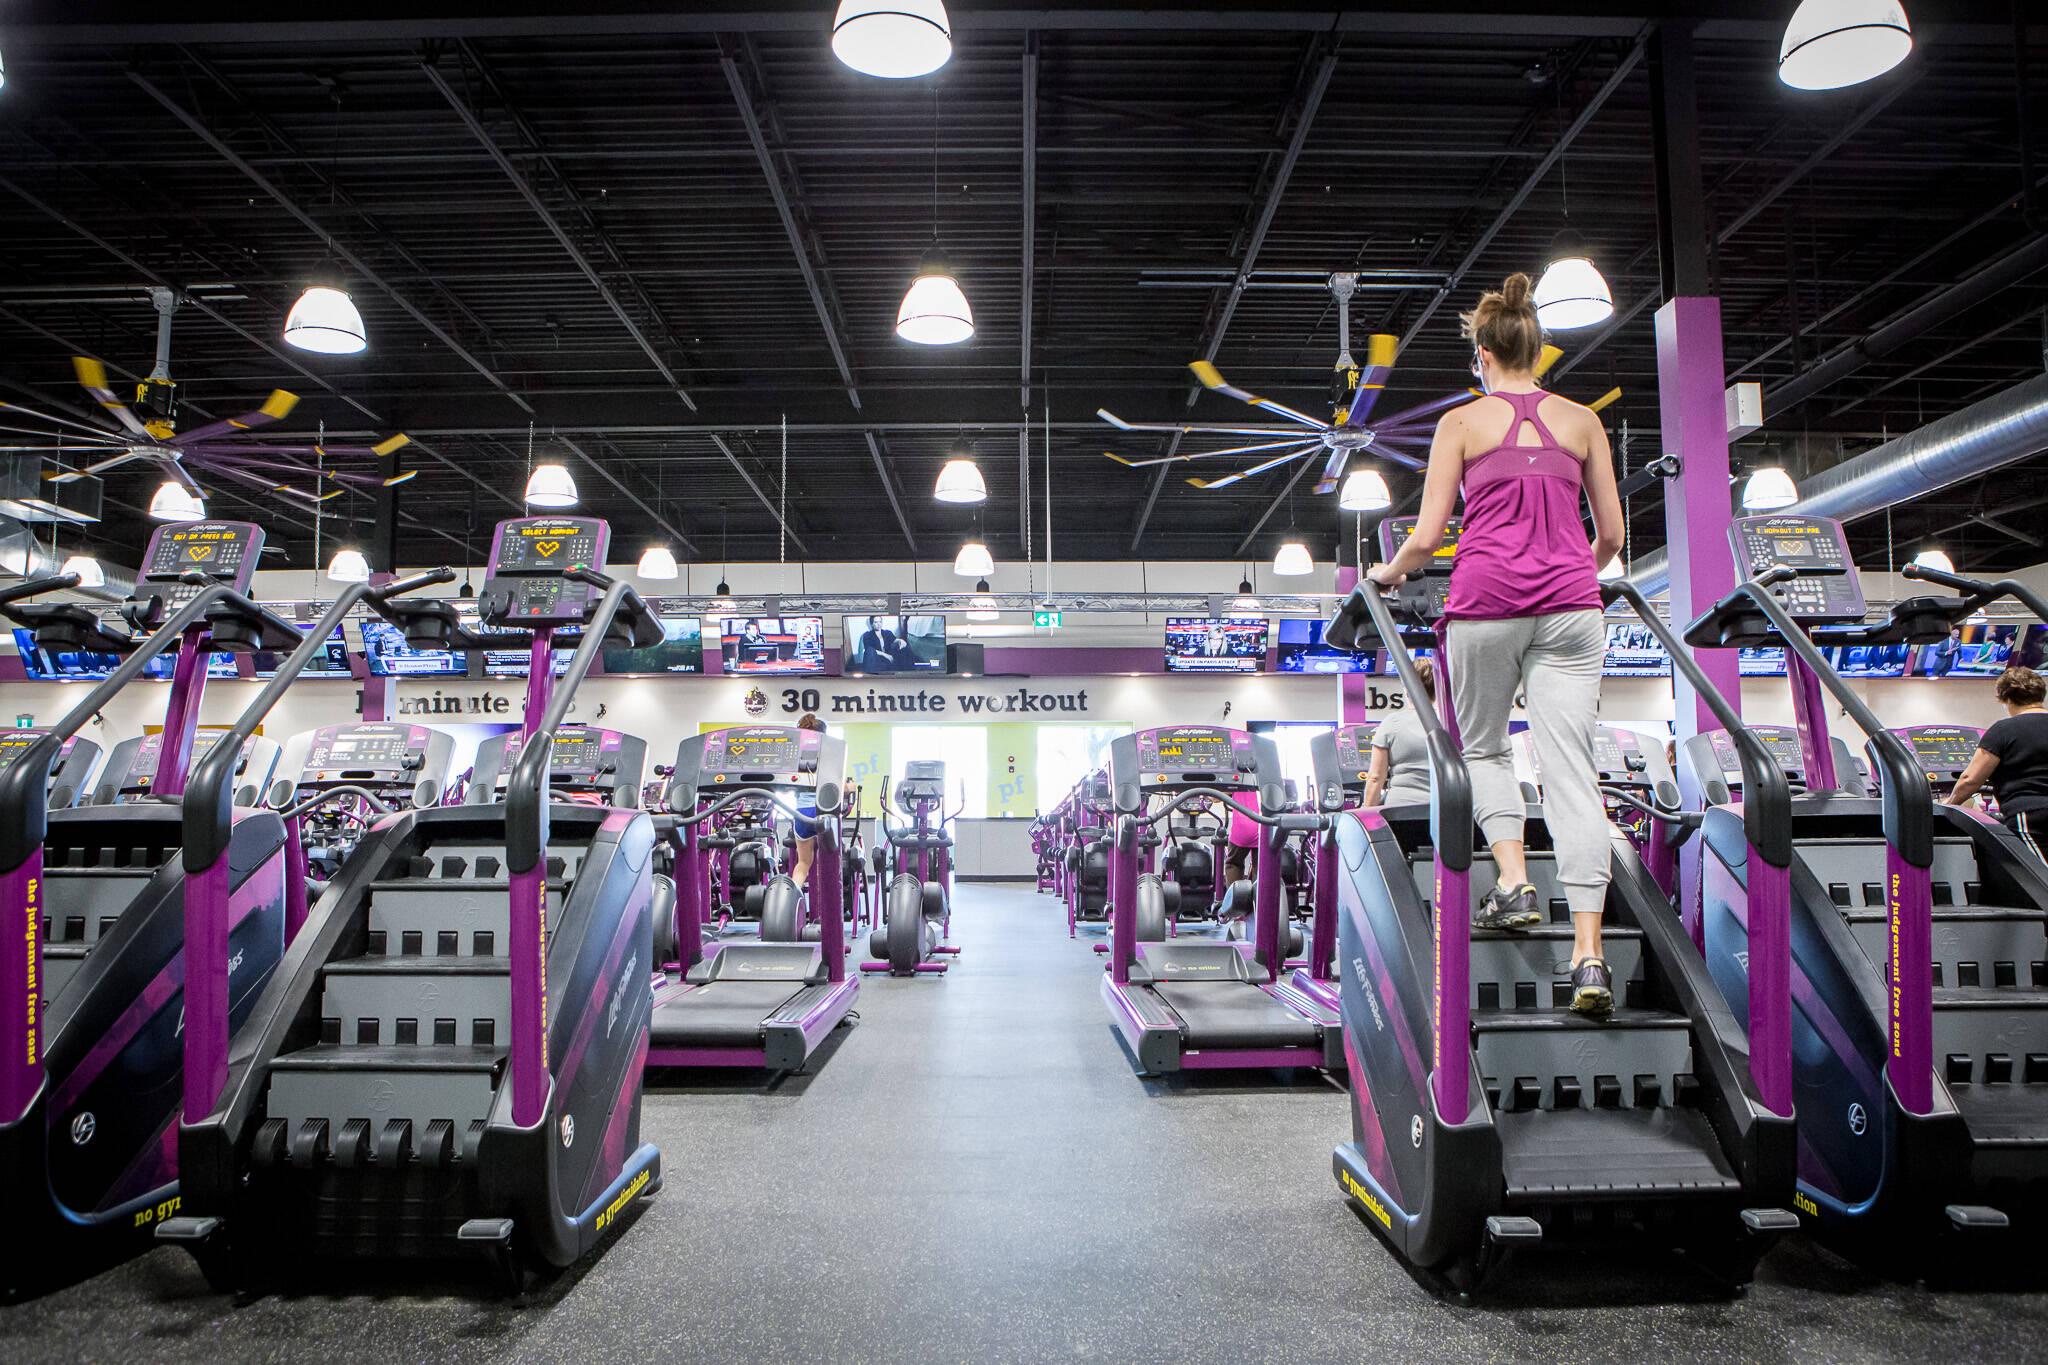 gyms ontario